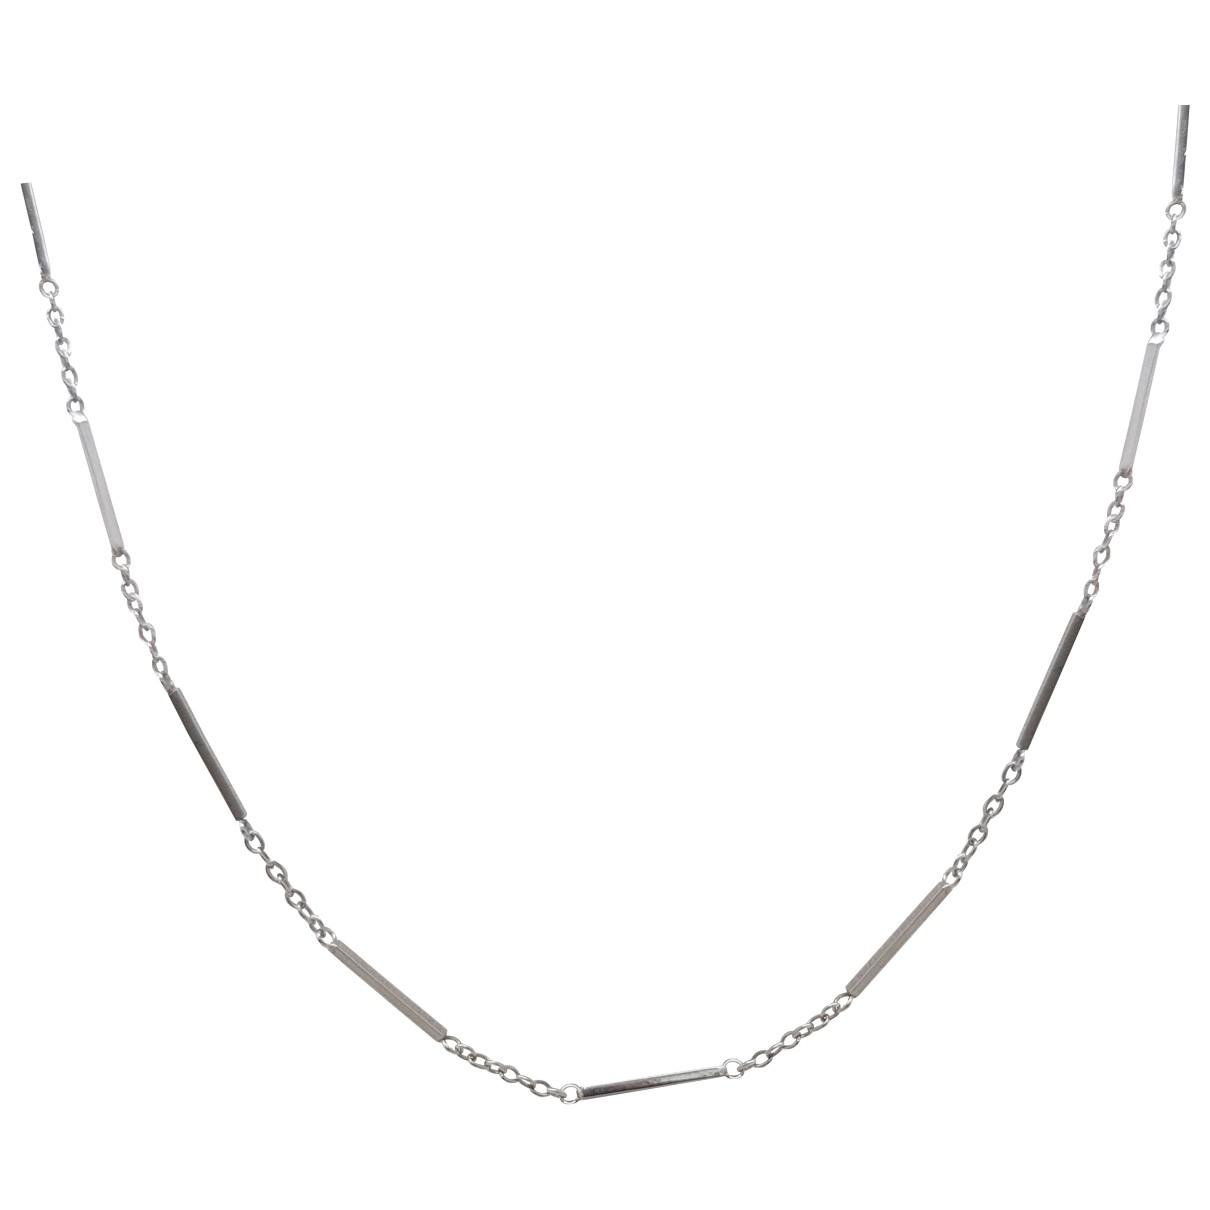 Collar Chaines de Oro blanco Non Signe / Unsigned